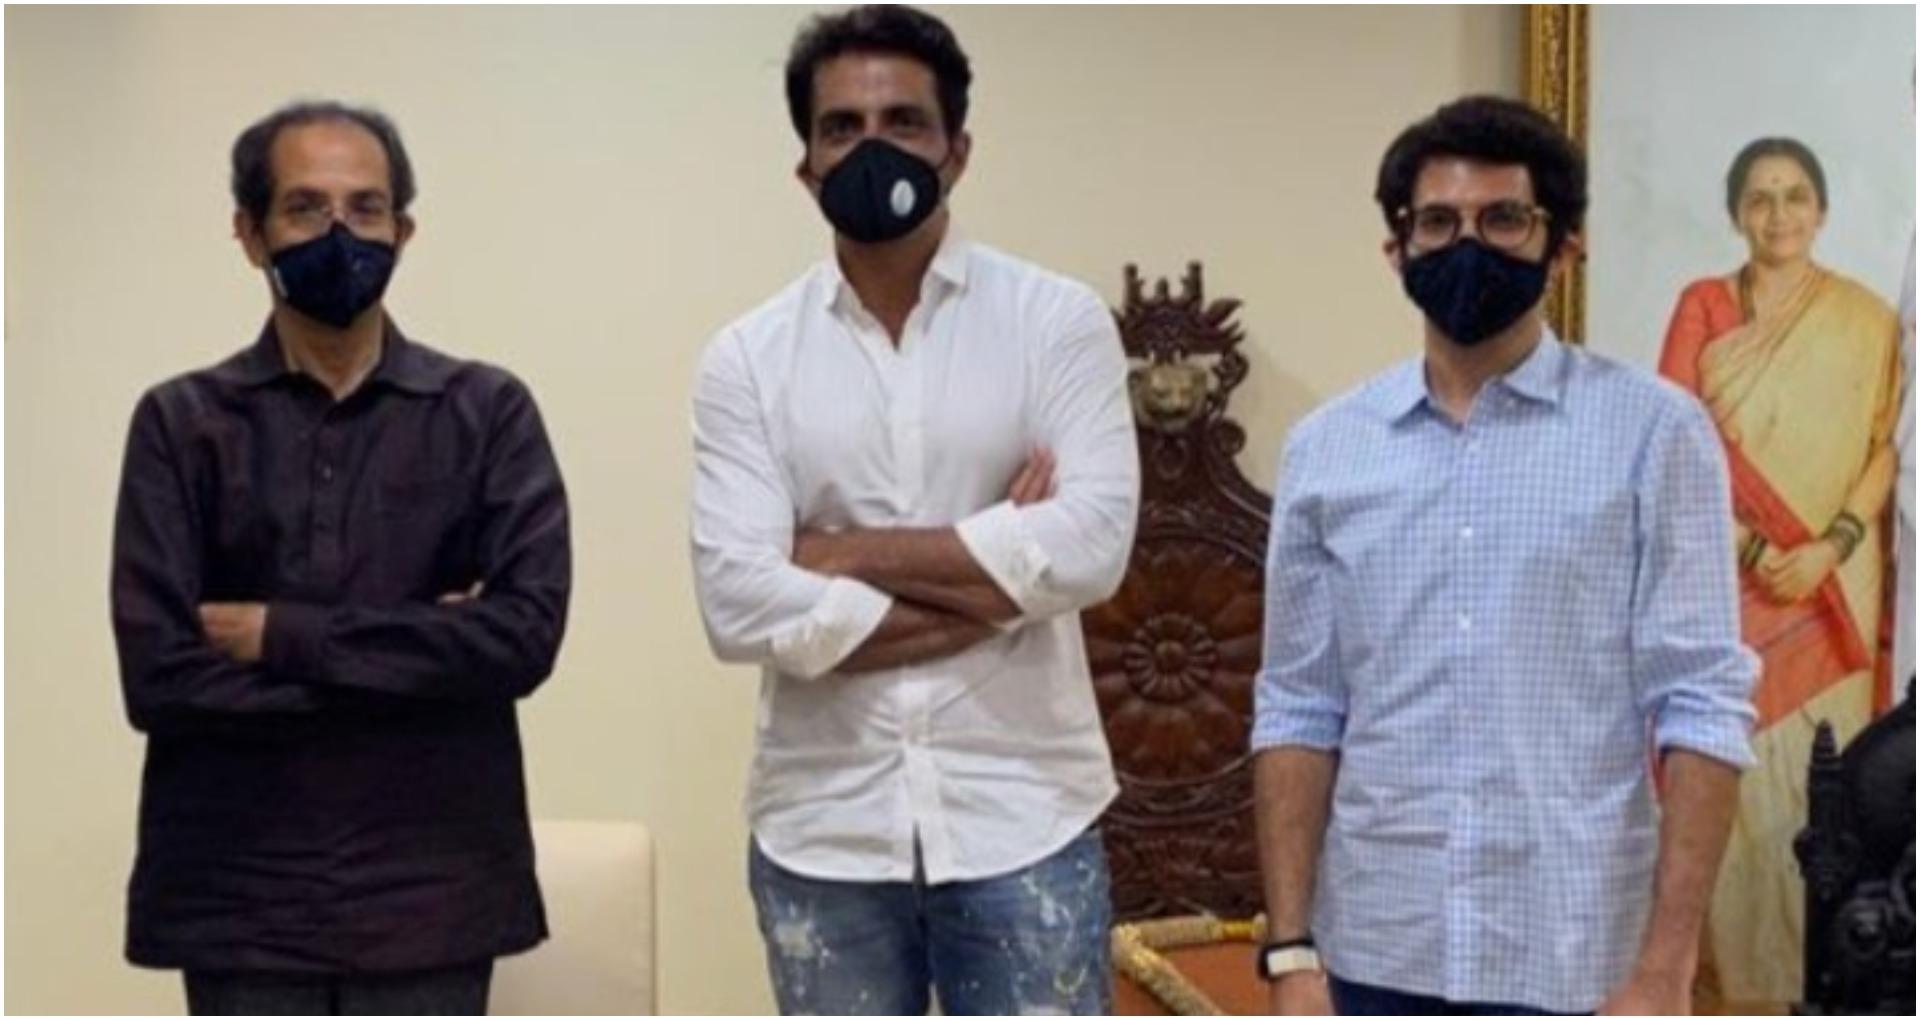 संजय राउत के टिका के बाद, सोनू सूद ने उद्धव ठाकरे और आदित्य ठाकरे से मातोश्री पर की मुलाकात, पढ़ें पूरी रिपोर्ट